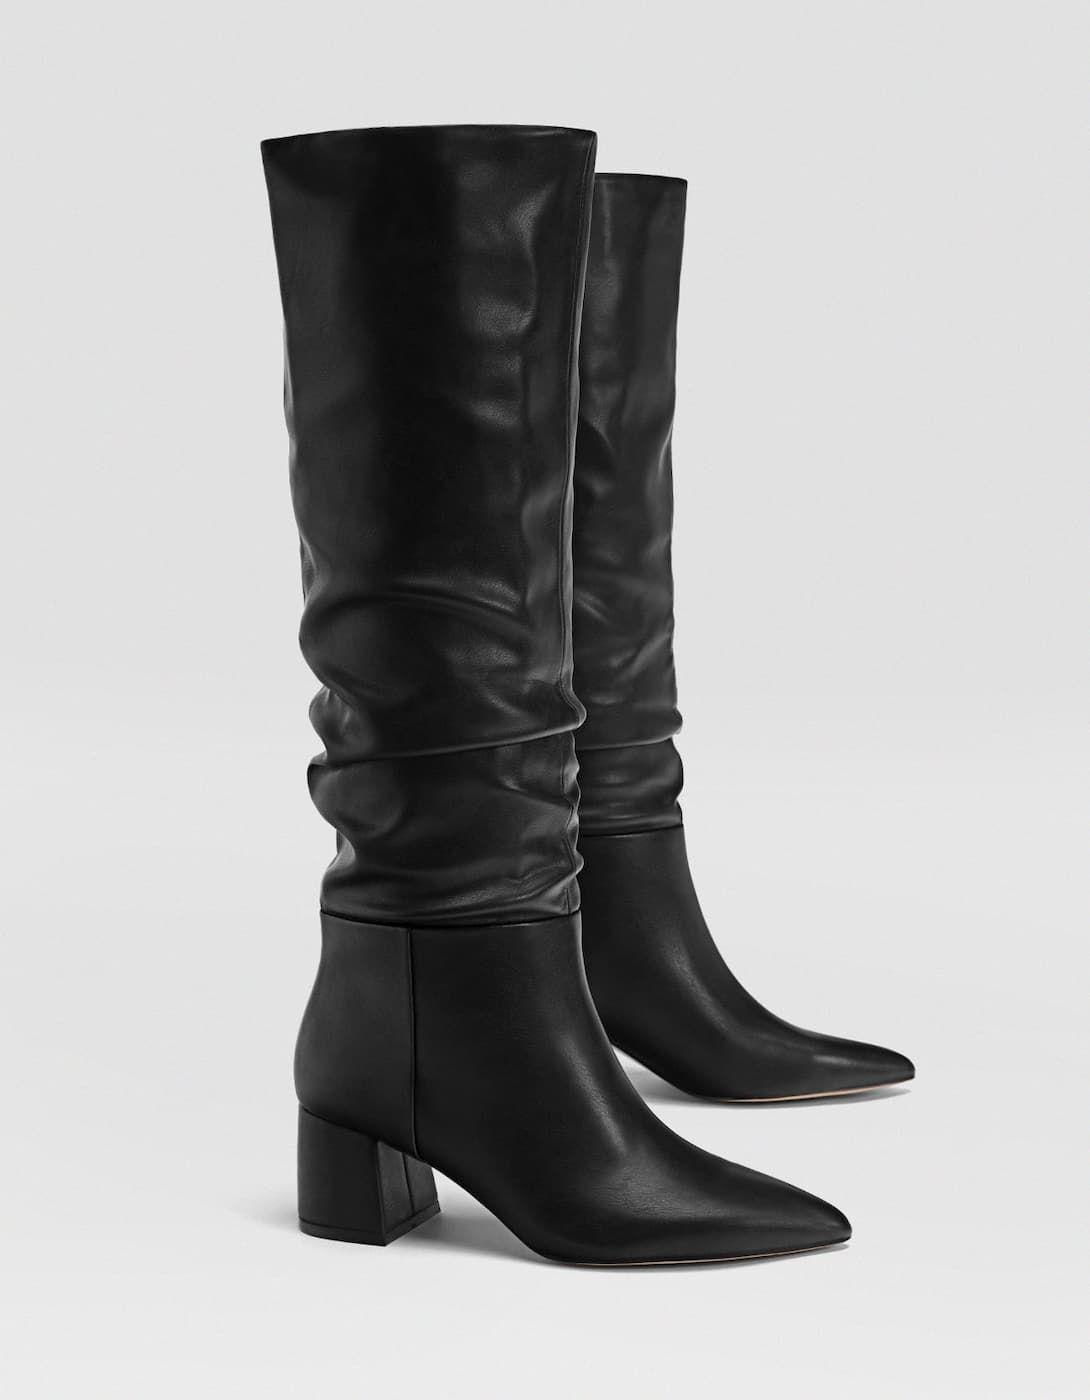 8a8513ba Bota alta tacón negra en 2019 | ropa | Botas altas de mujer, Botas ...